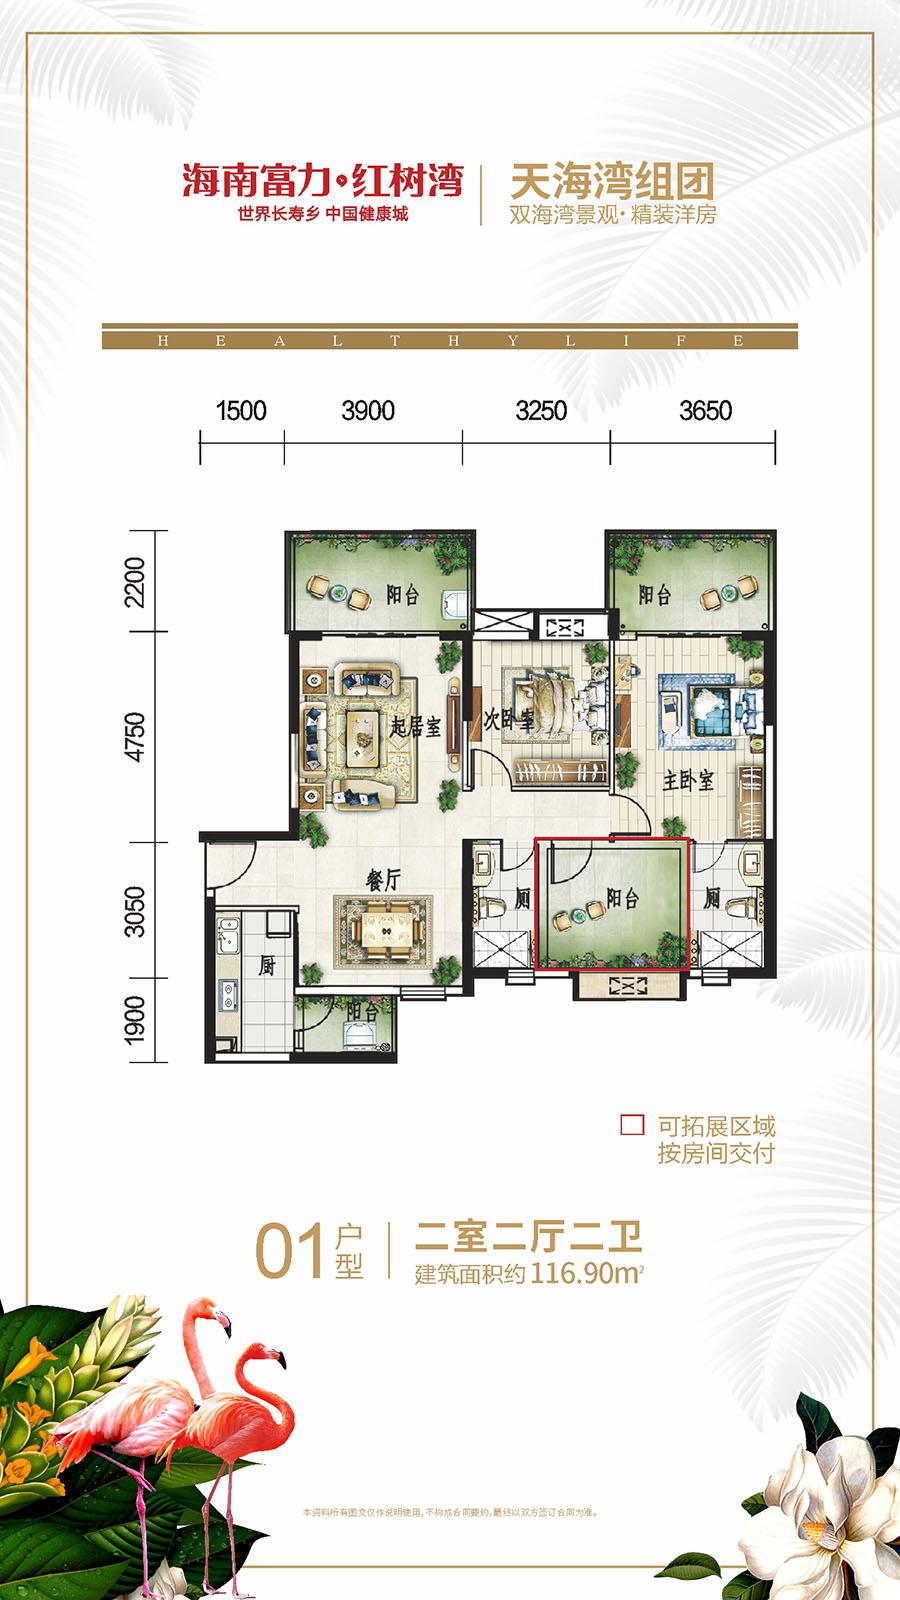 富力红树湾2房2厅2卫 (建筑面积:116.90㎡)